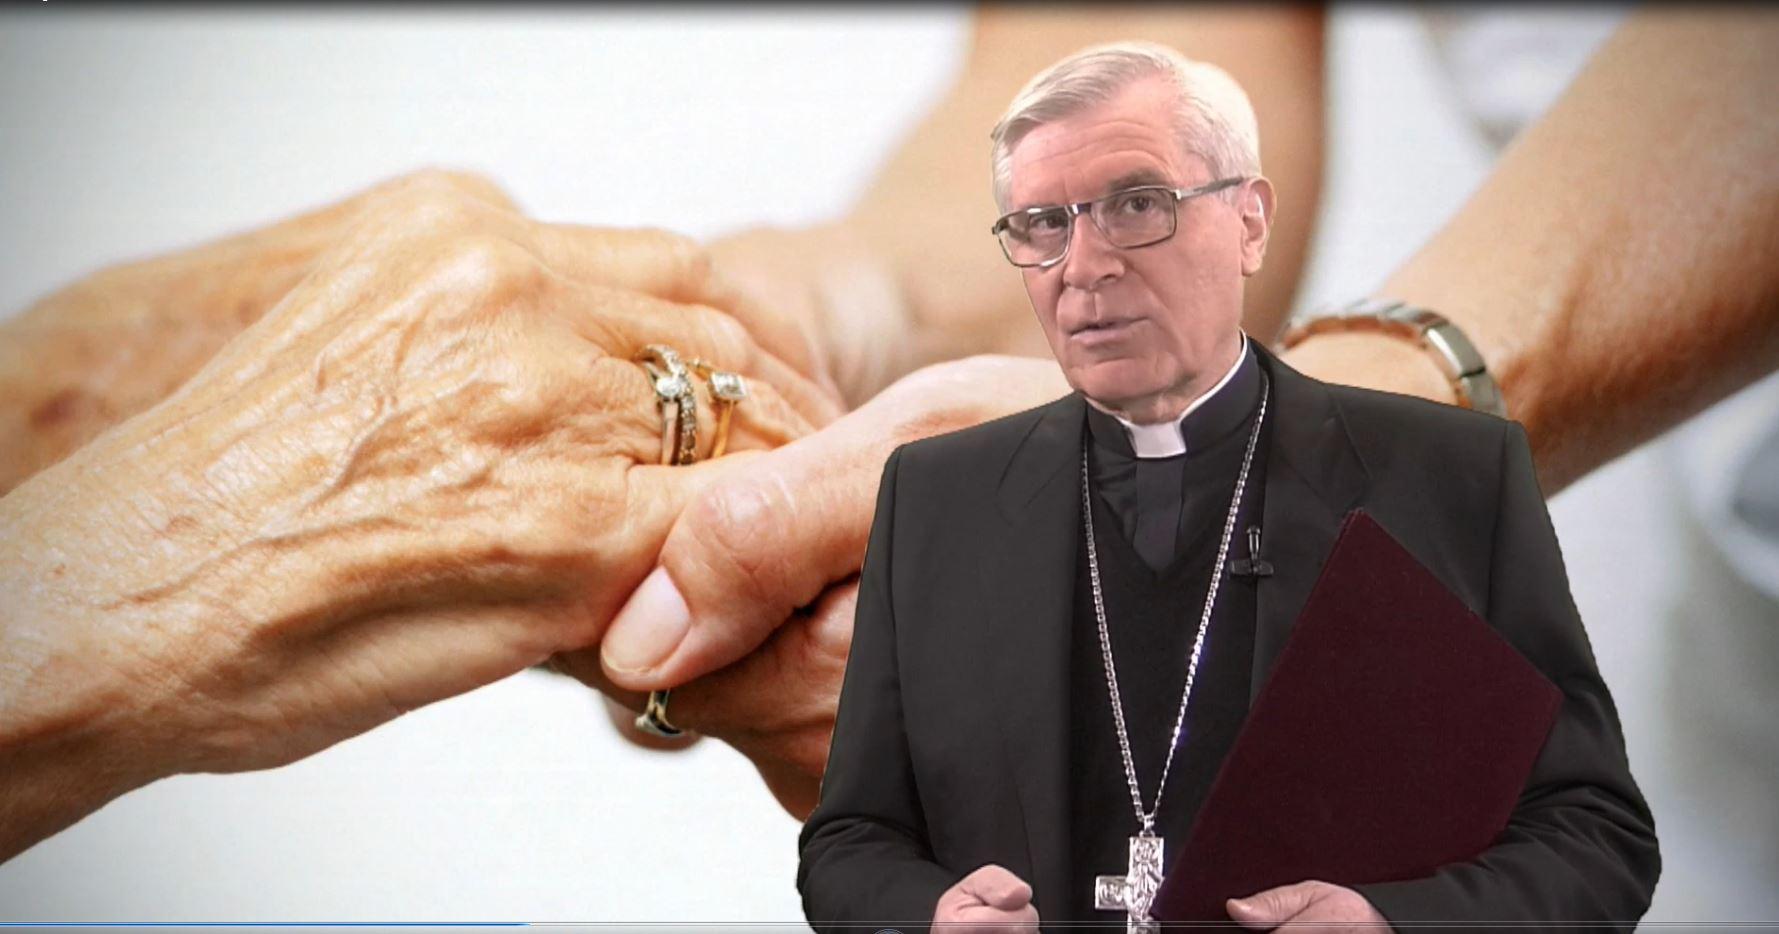 La chronique de Mgr Jean-Michel di Falco Léandri : Quand la solitude se sentira seule